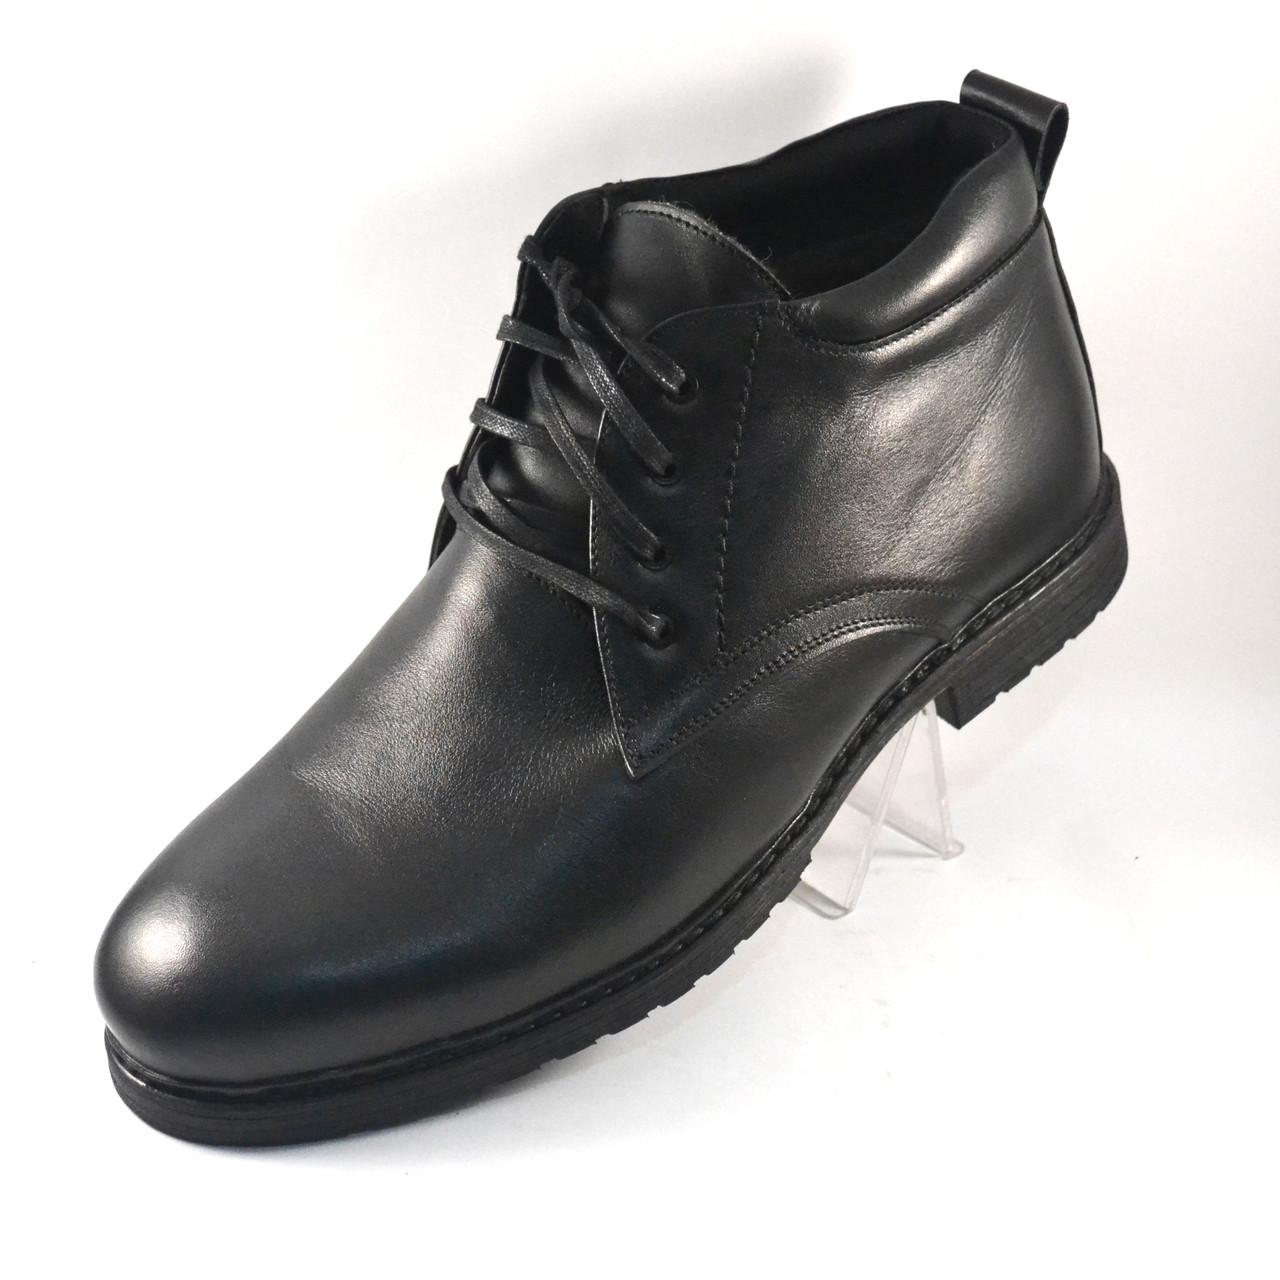 Кожаные зимние мужские ботинки черные Rosso Avangard Bonmarito Onyx Black